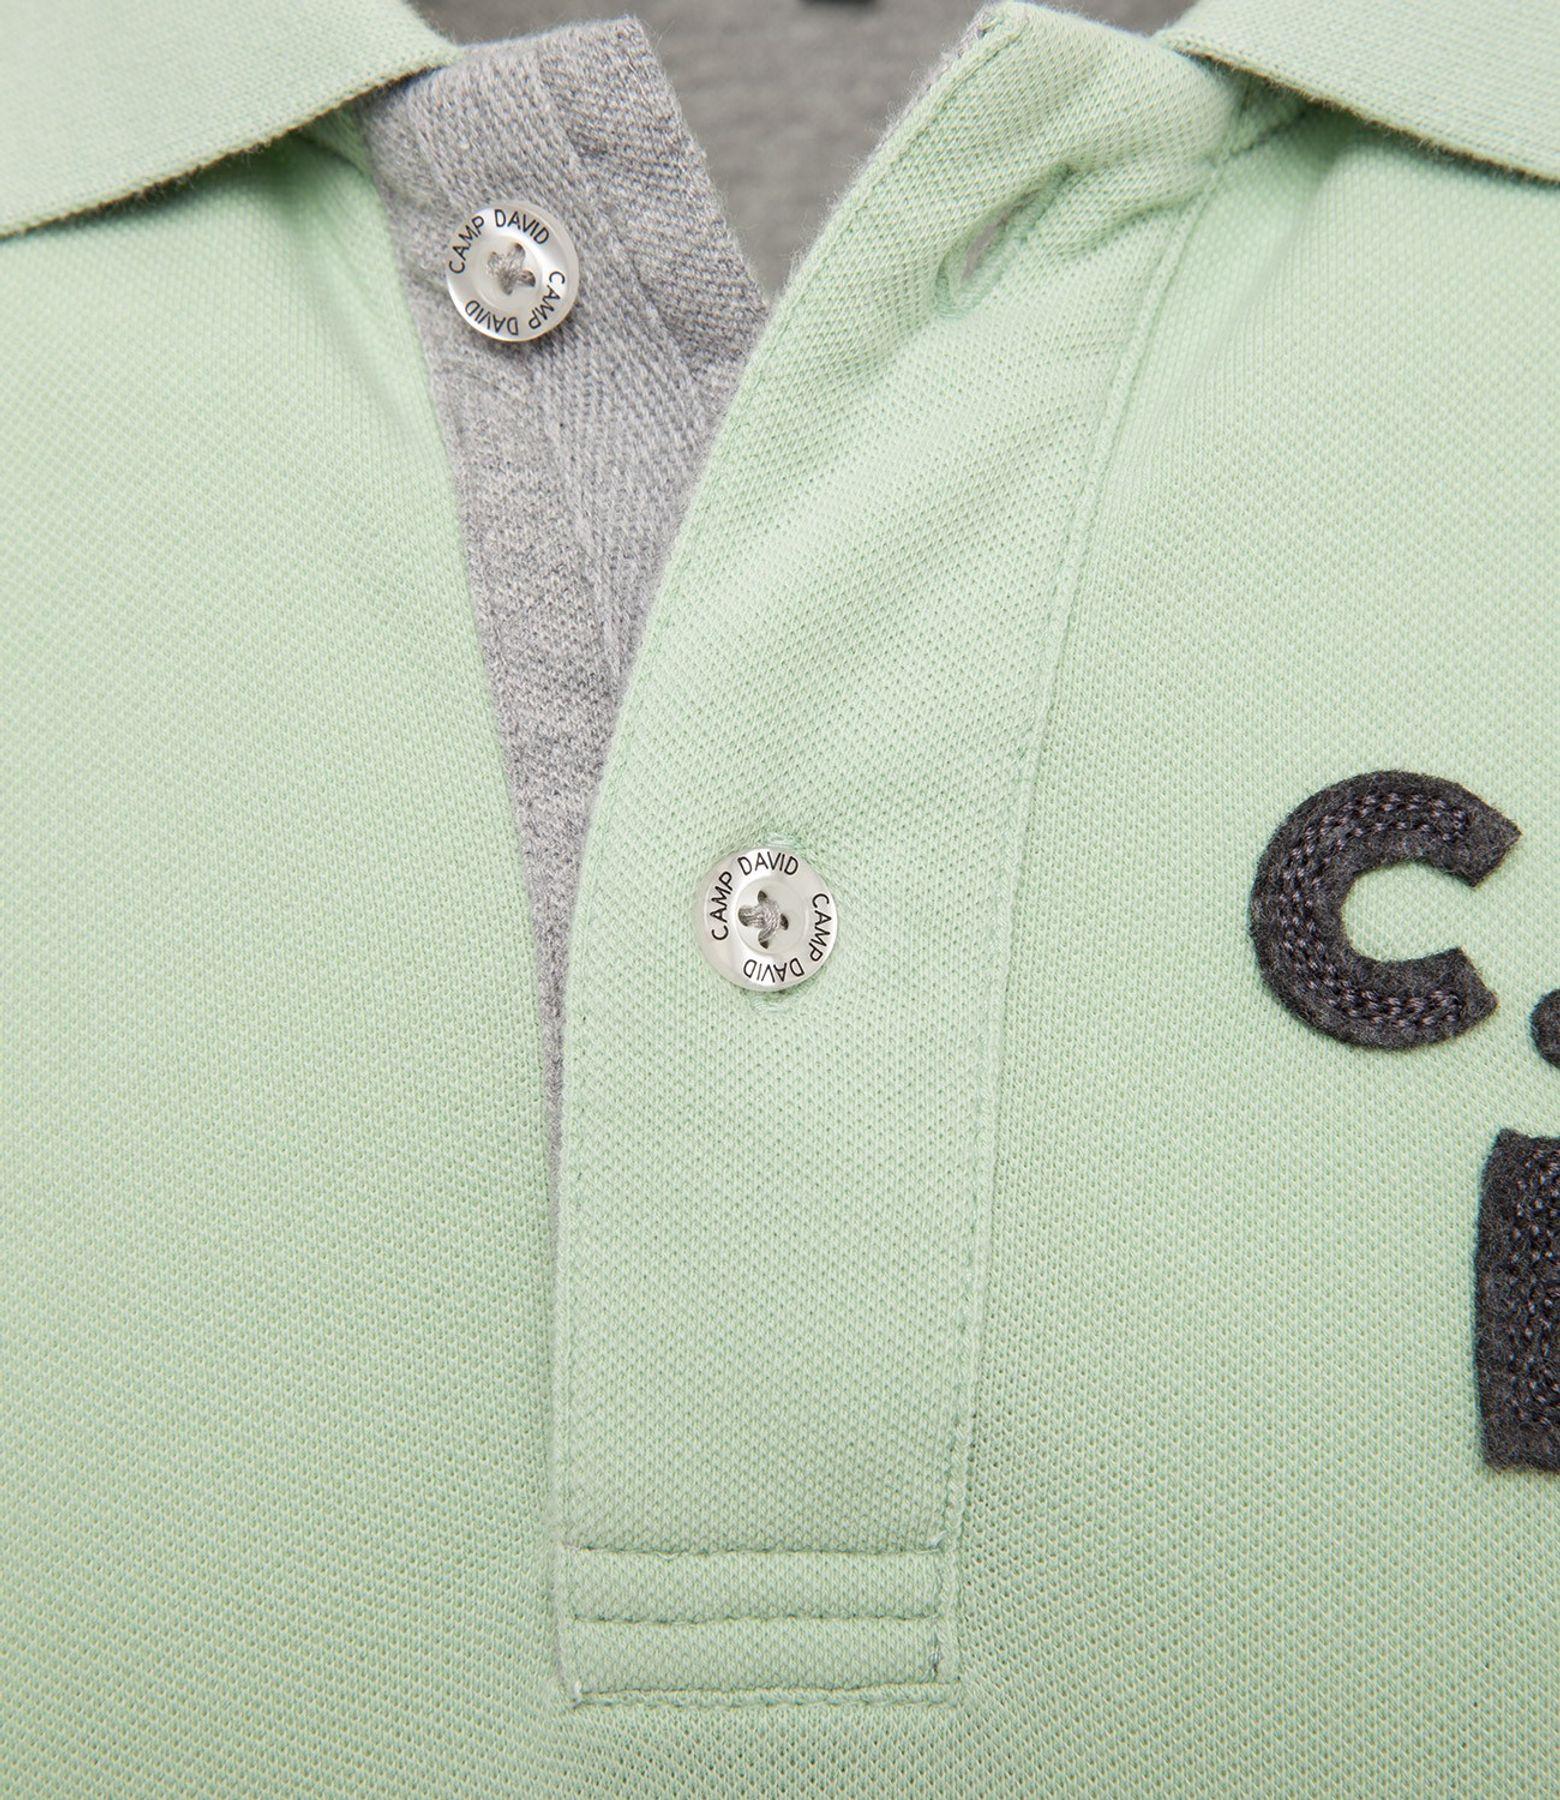 Camp David - Herren Poloshirt in verschiedenen Farben, bis 3XL (CHS-1804-3021)  – Bild 17